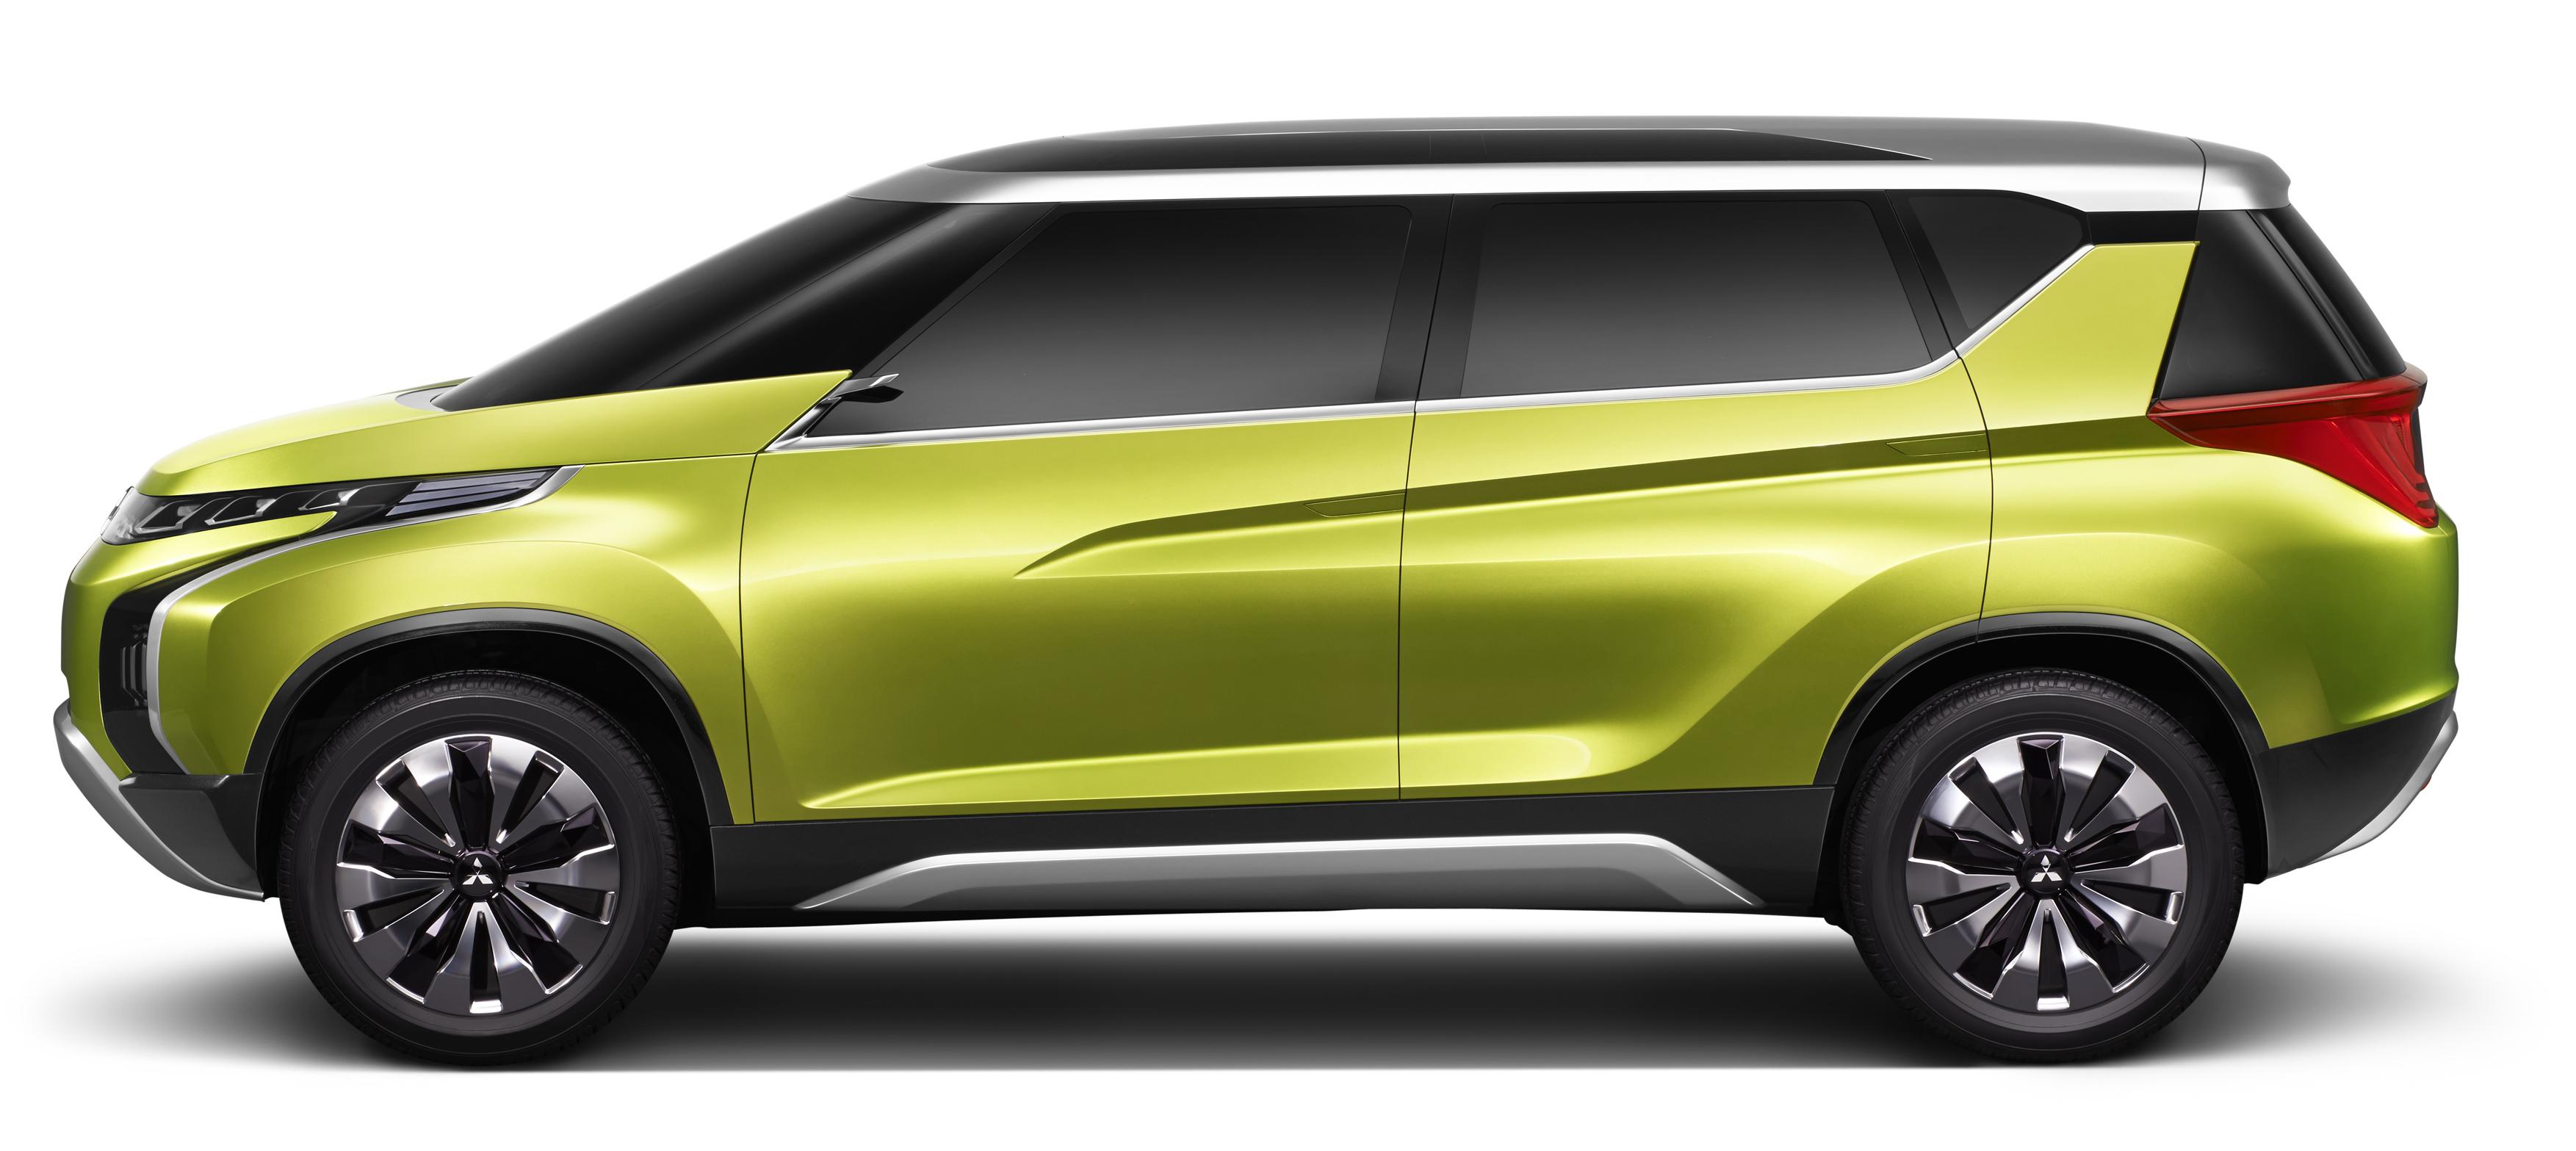 2013 Mitsubishi Concept Ar Concepts